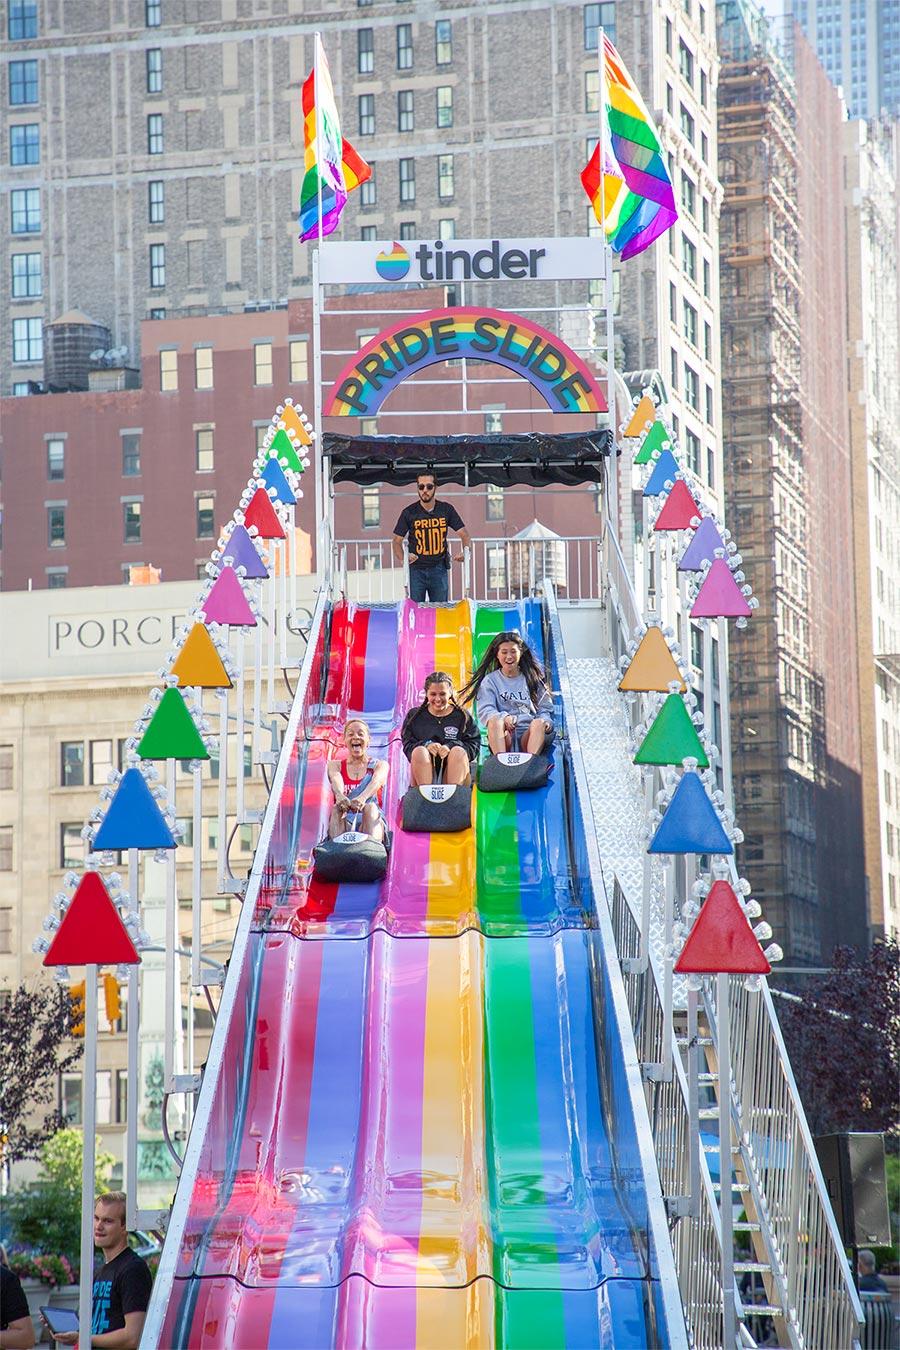 Tinder_PrideSlide-48.jpg